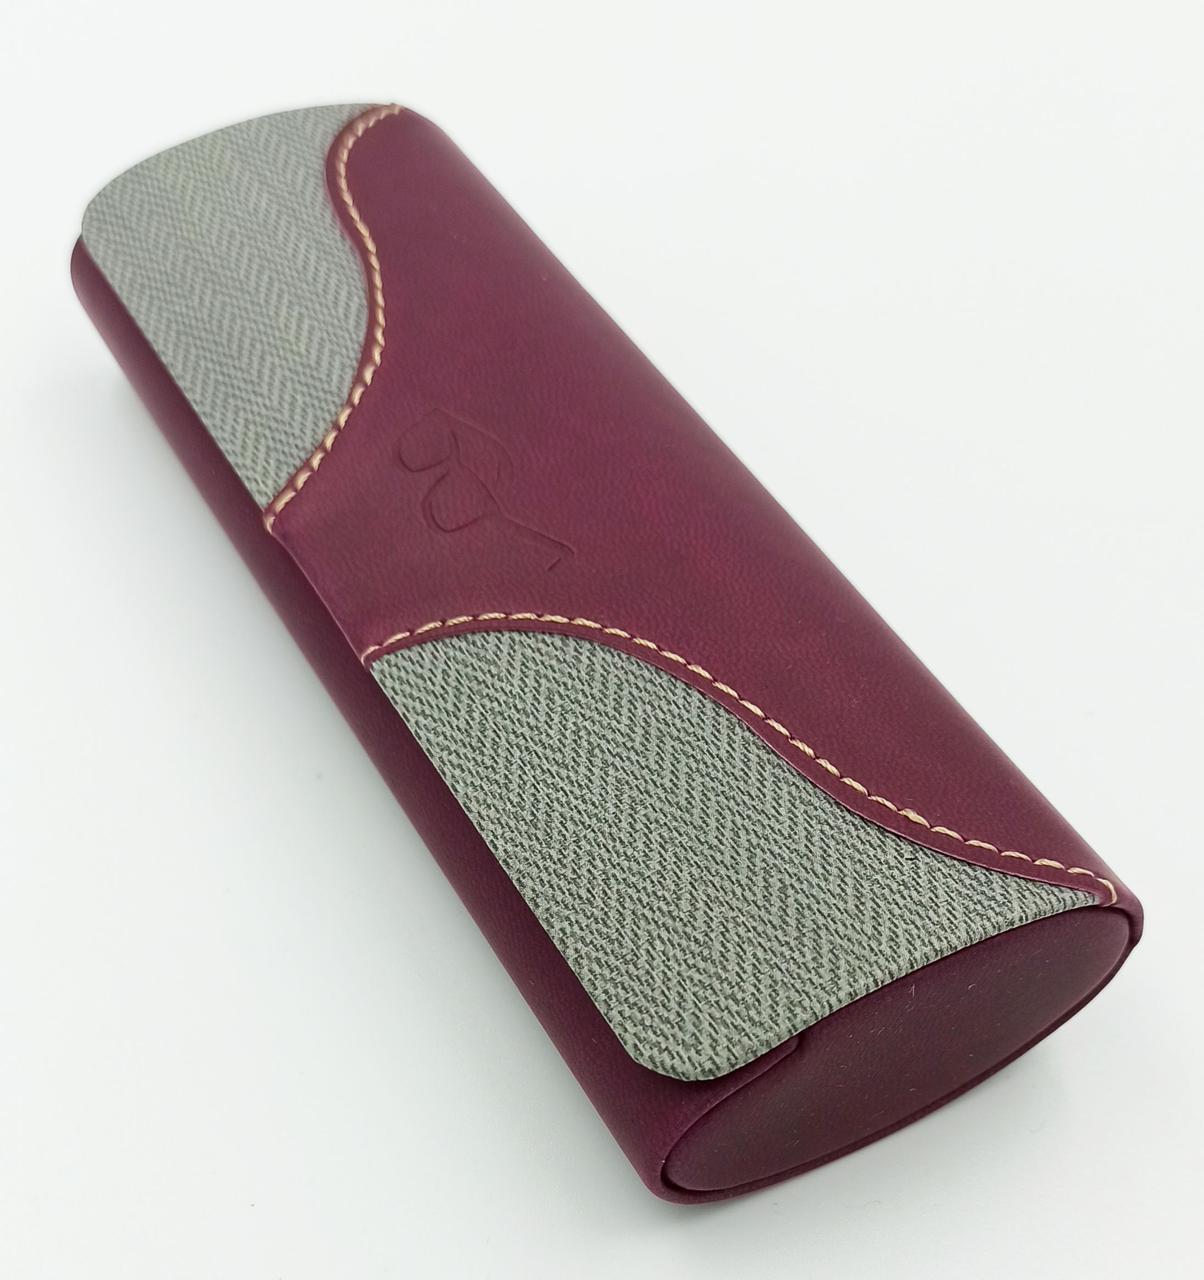 Футляр для очков из пресс кожи на магните, бордовый с серыми вставками, чехол для очков